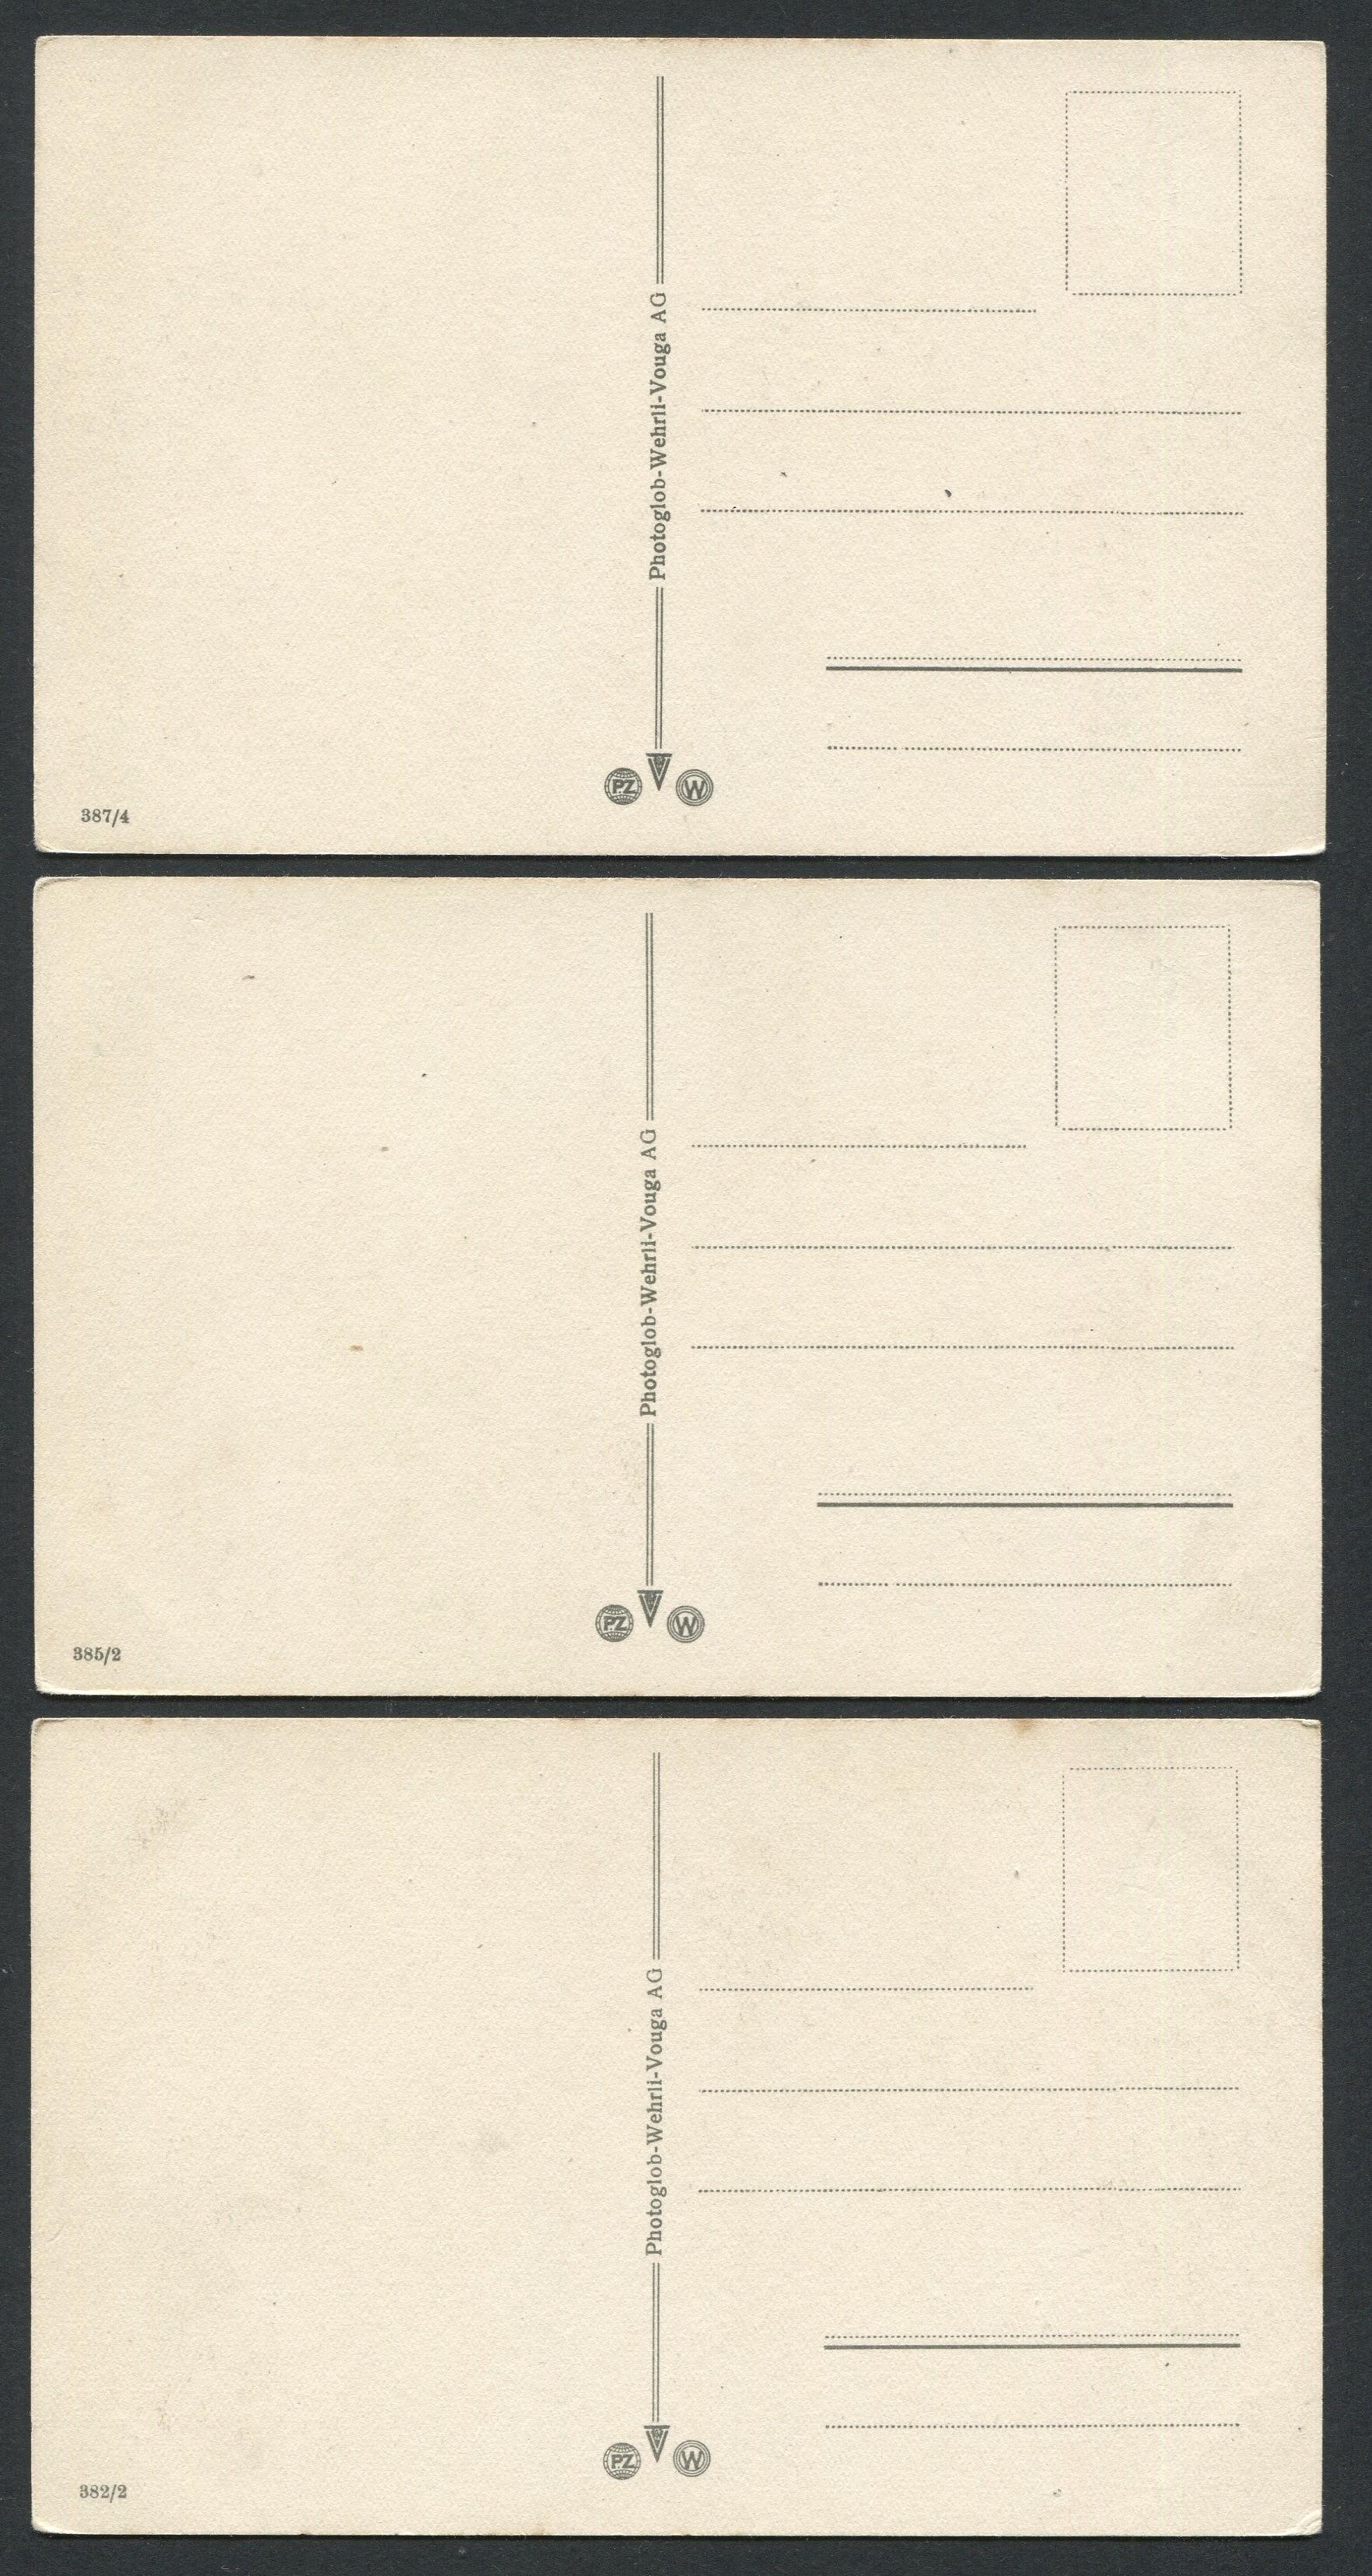 Lot 39 - THREE VINTAGE CARTOON POSTCARD SHOWING GERMAN SOLDIERS